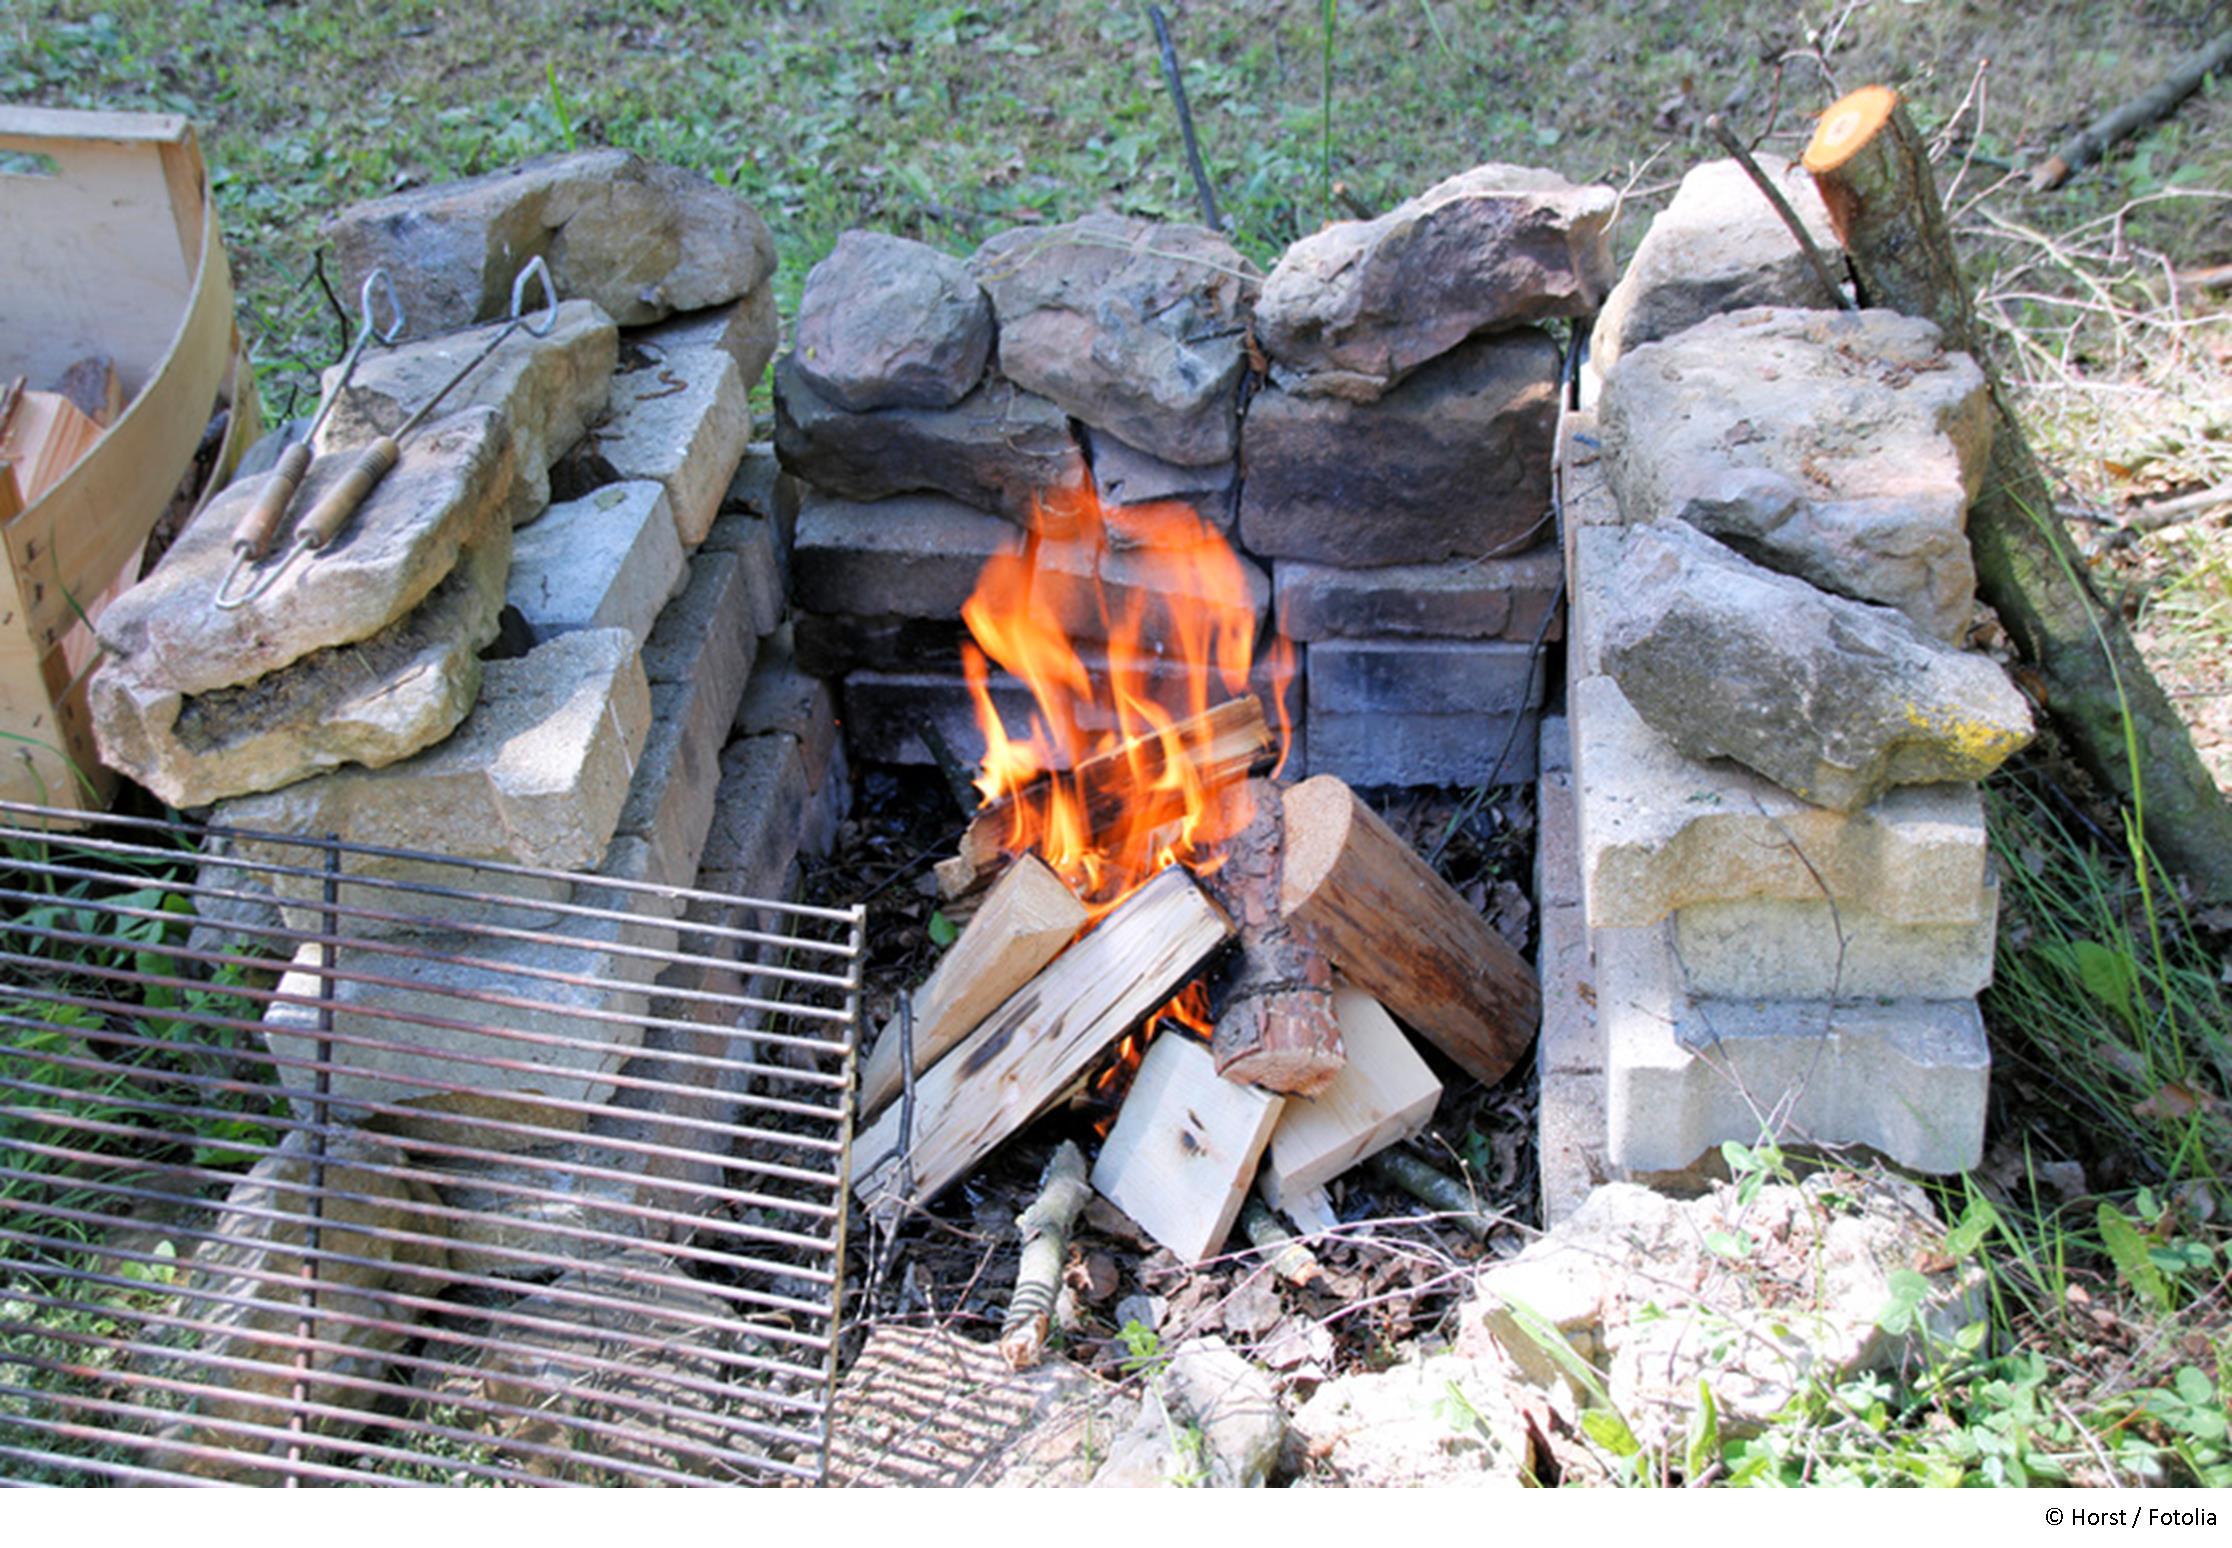 Full Size of Grillstelle Garten Einen Grillplatz Im Selber Bauen Versicherung Gewächshaus Feuerstelle Paravent Loungemöbel Holz Lounge Möbel Spielhäuser Lärmschutz Wohnzimmer Grillstelle Garten